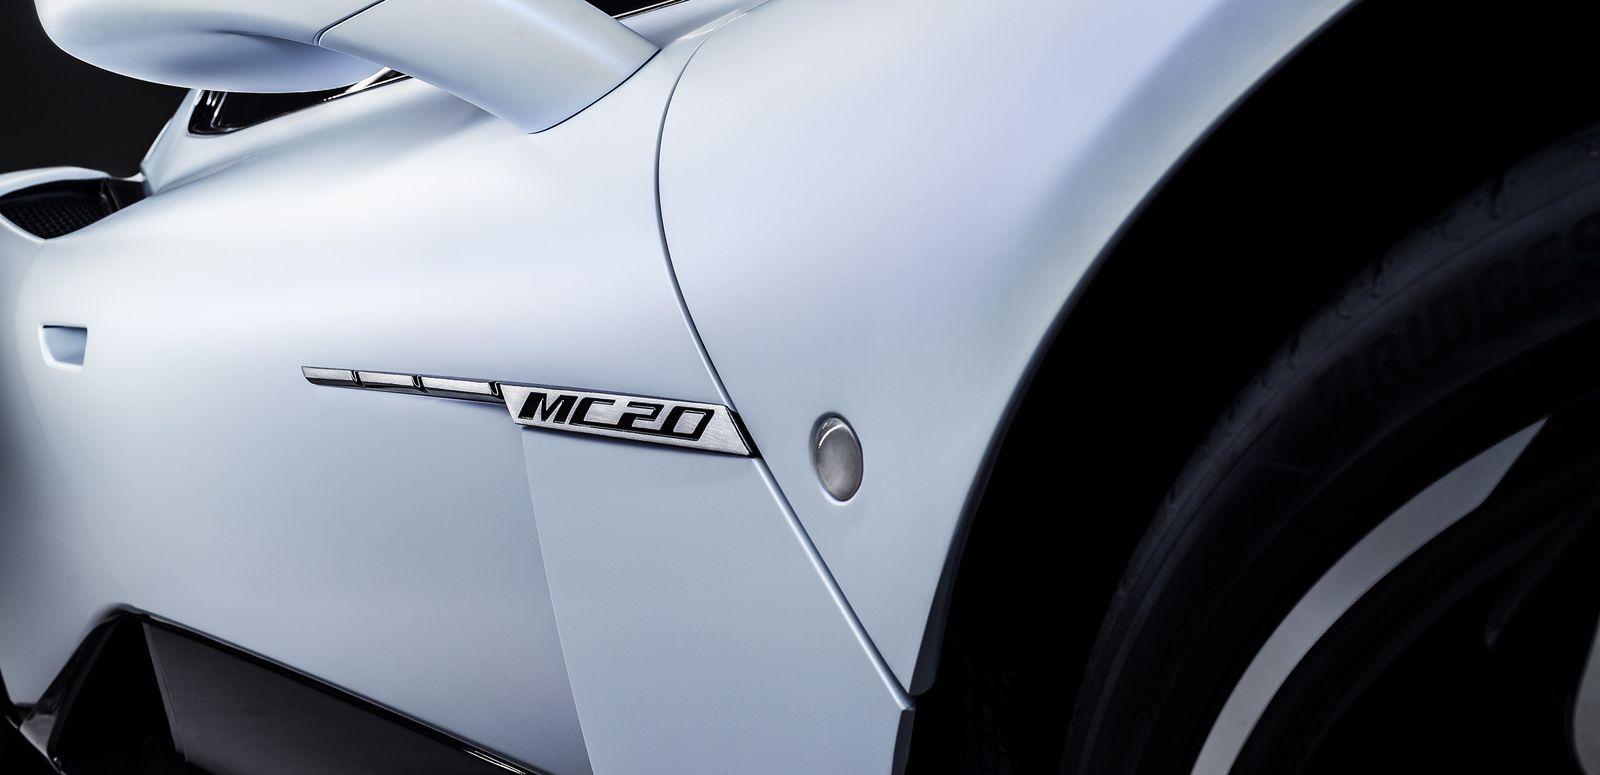 MaseratiMC20_2021_25